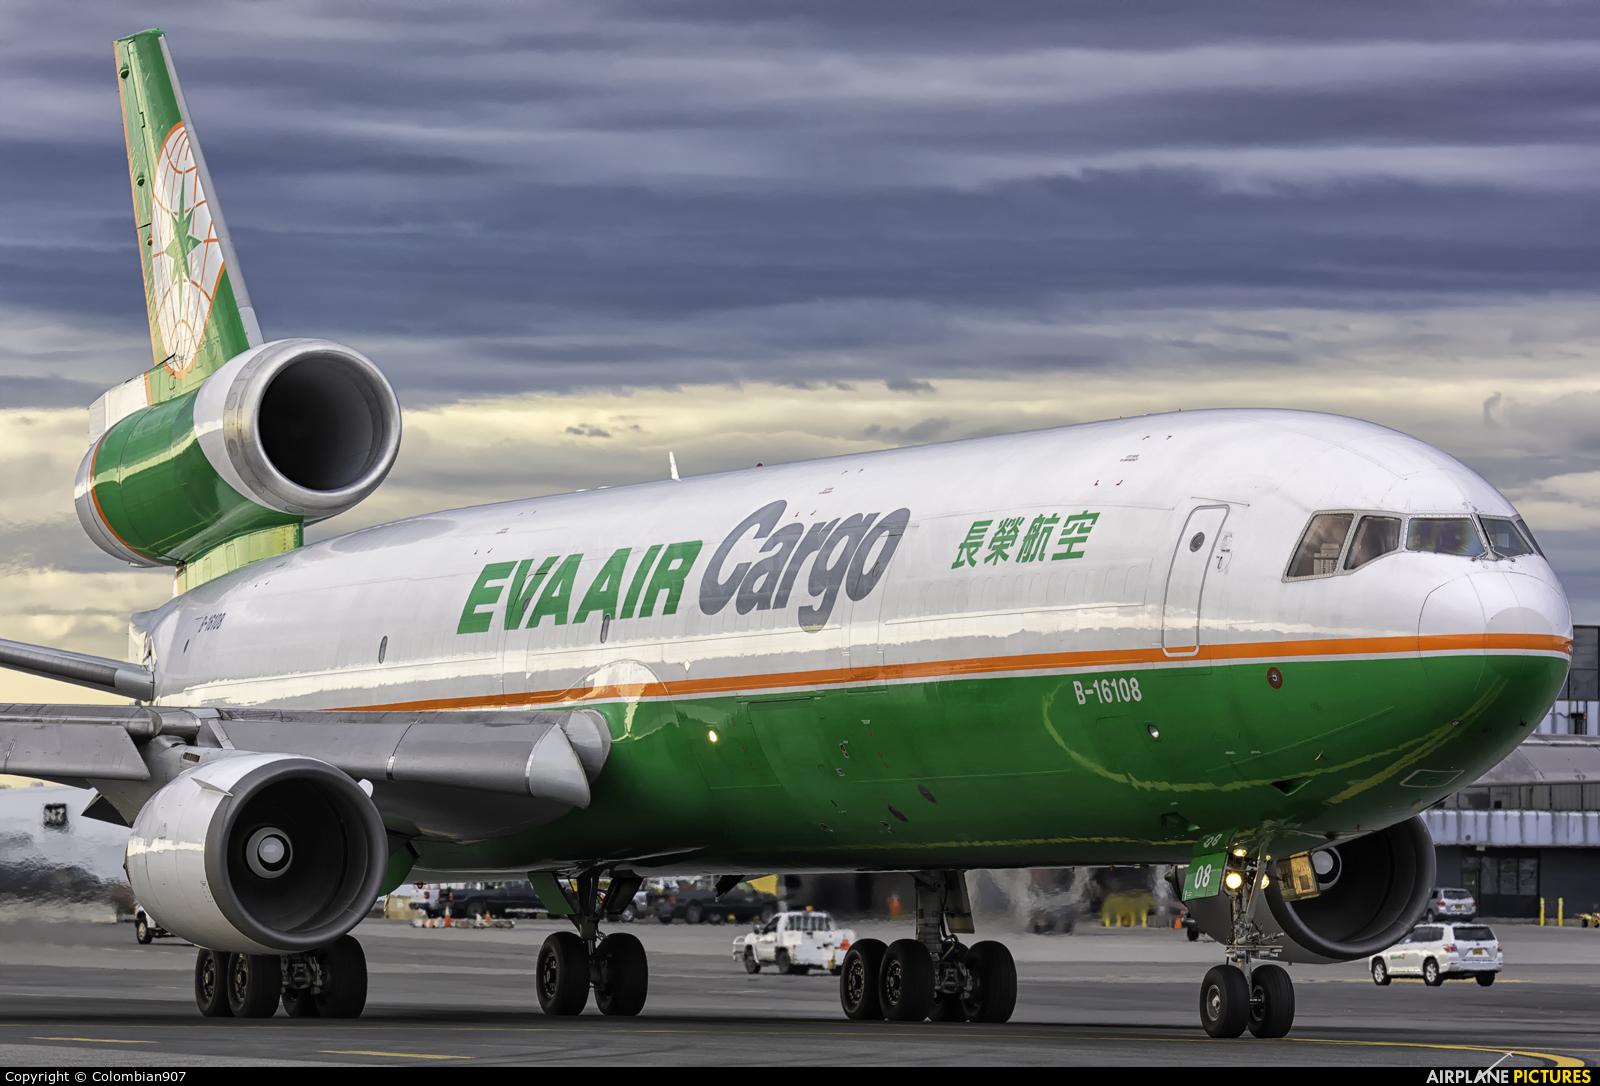 EVA Air Cargo B-16108 aircraft at Anchorage - Ted Stevens Intl / Kulis Air National Guard Base